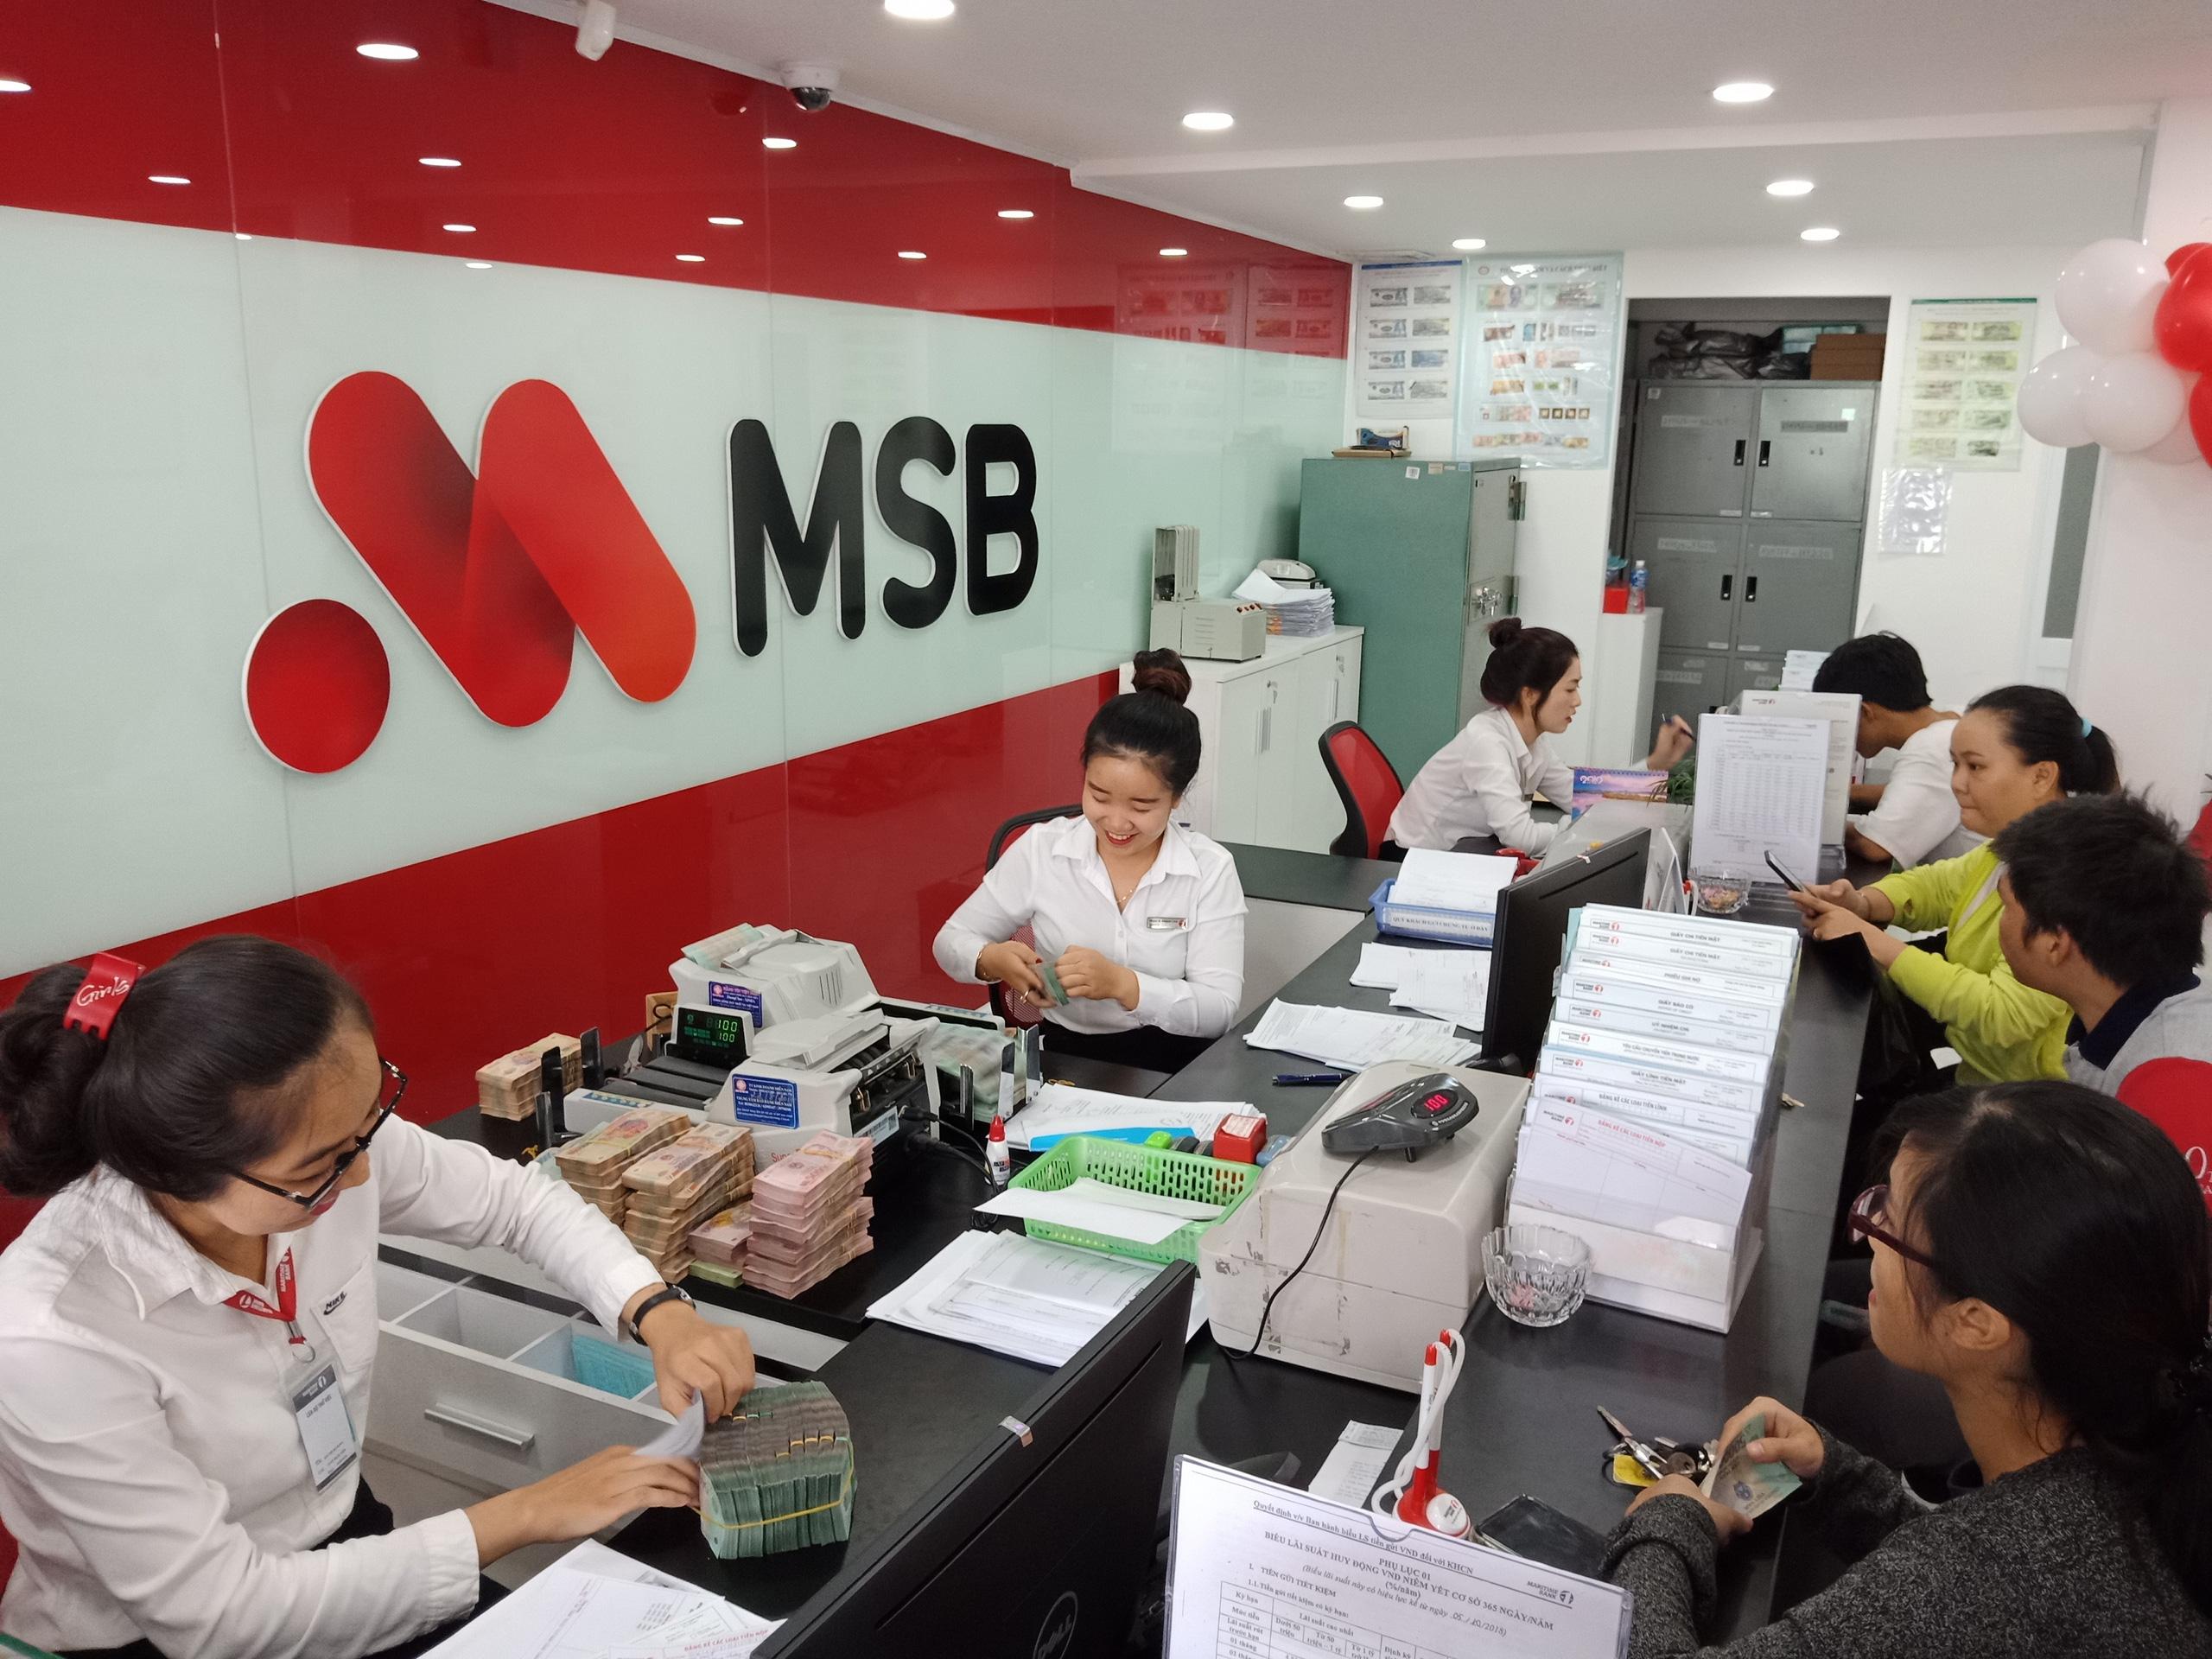 Lợi nhuận quý I/2021 của MSB tăng gấp 4 lần cùng kỳ - Ảnh 2.